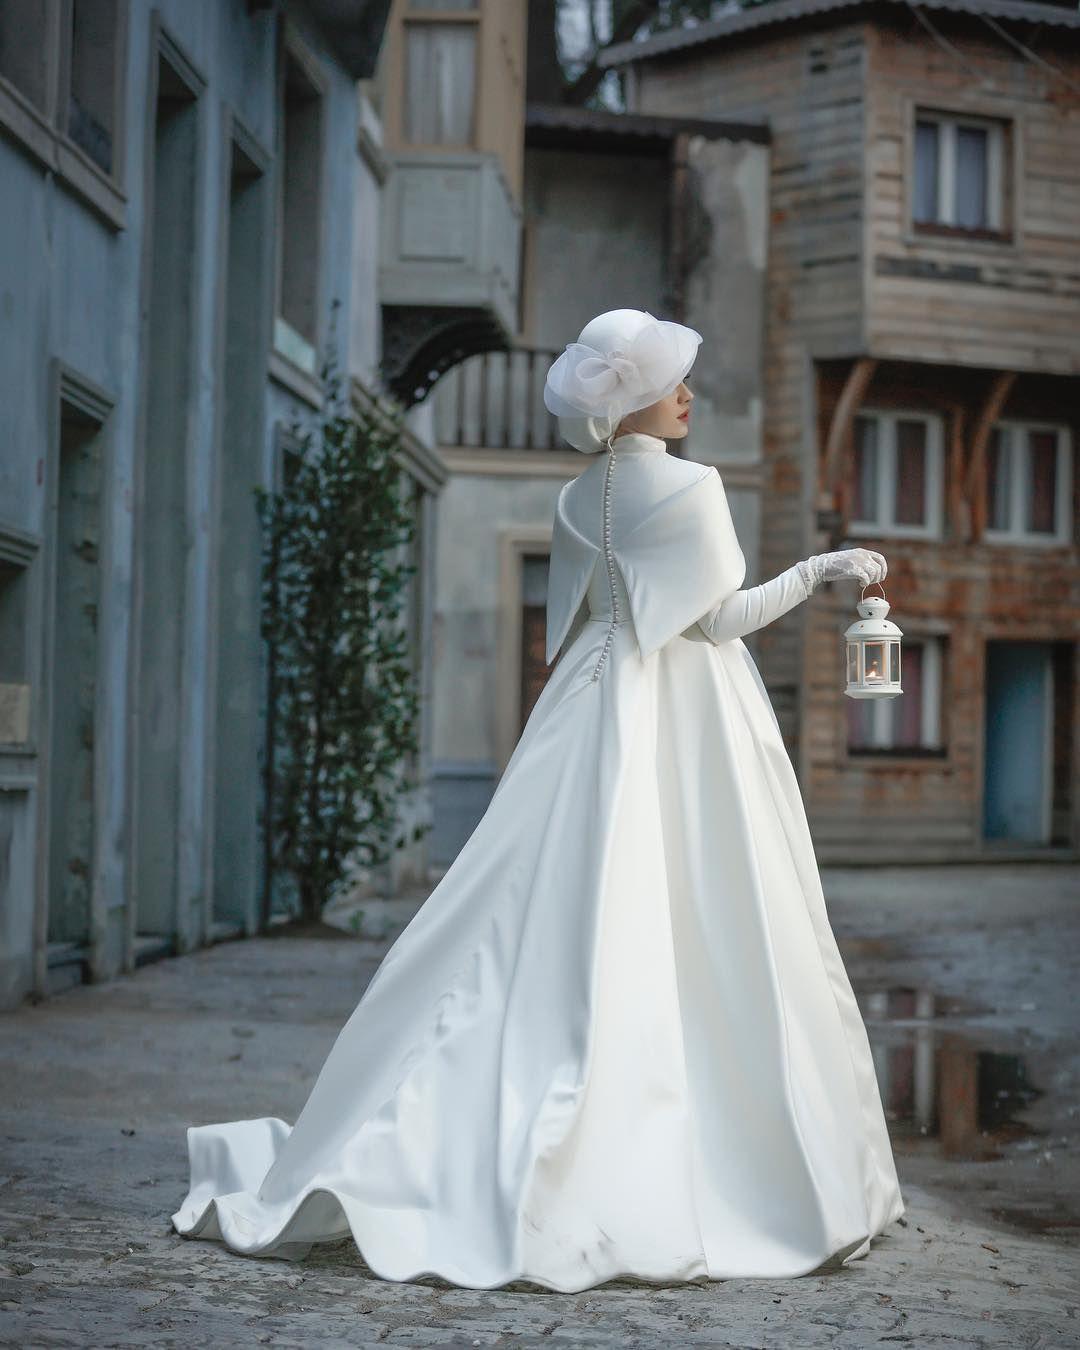 Görüntünün olası içeriği: bir veya daha fazla kişi, düğün ve açık hava #modestfashion